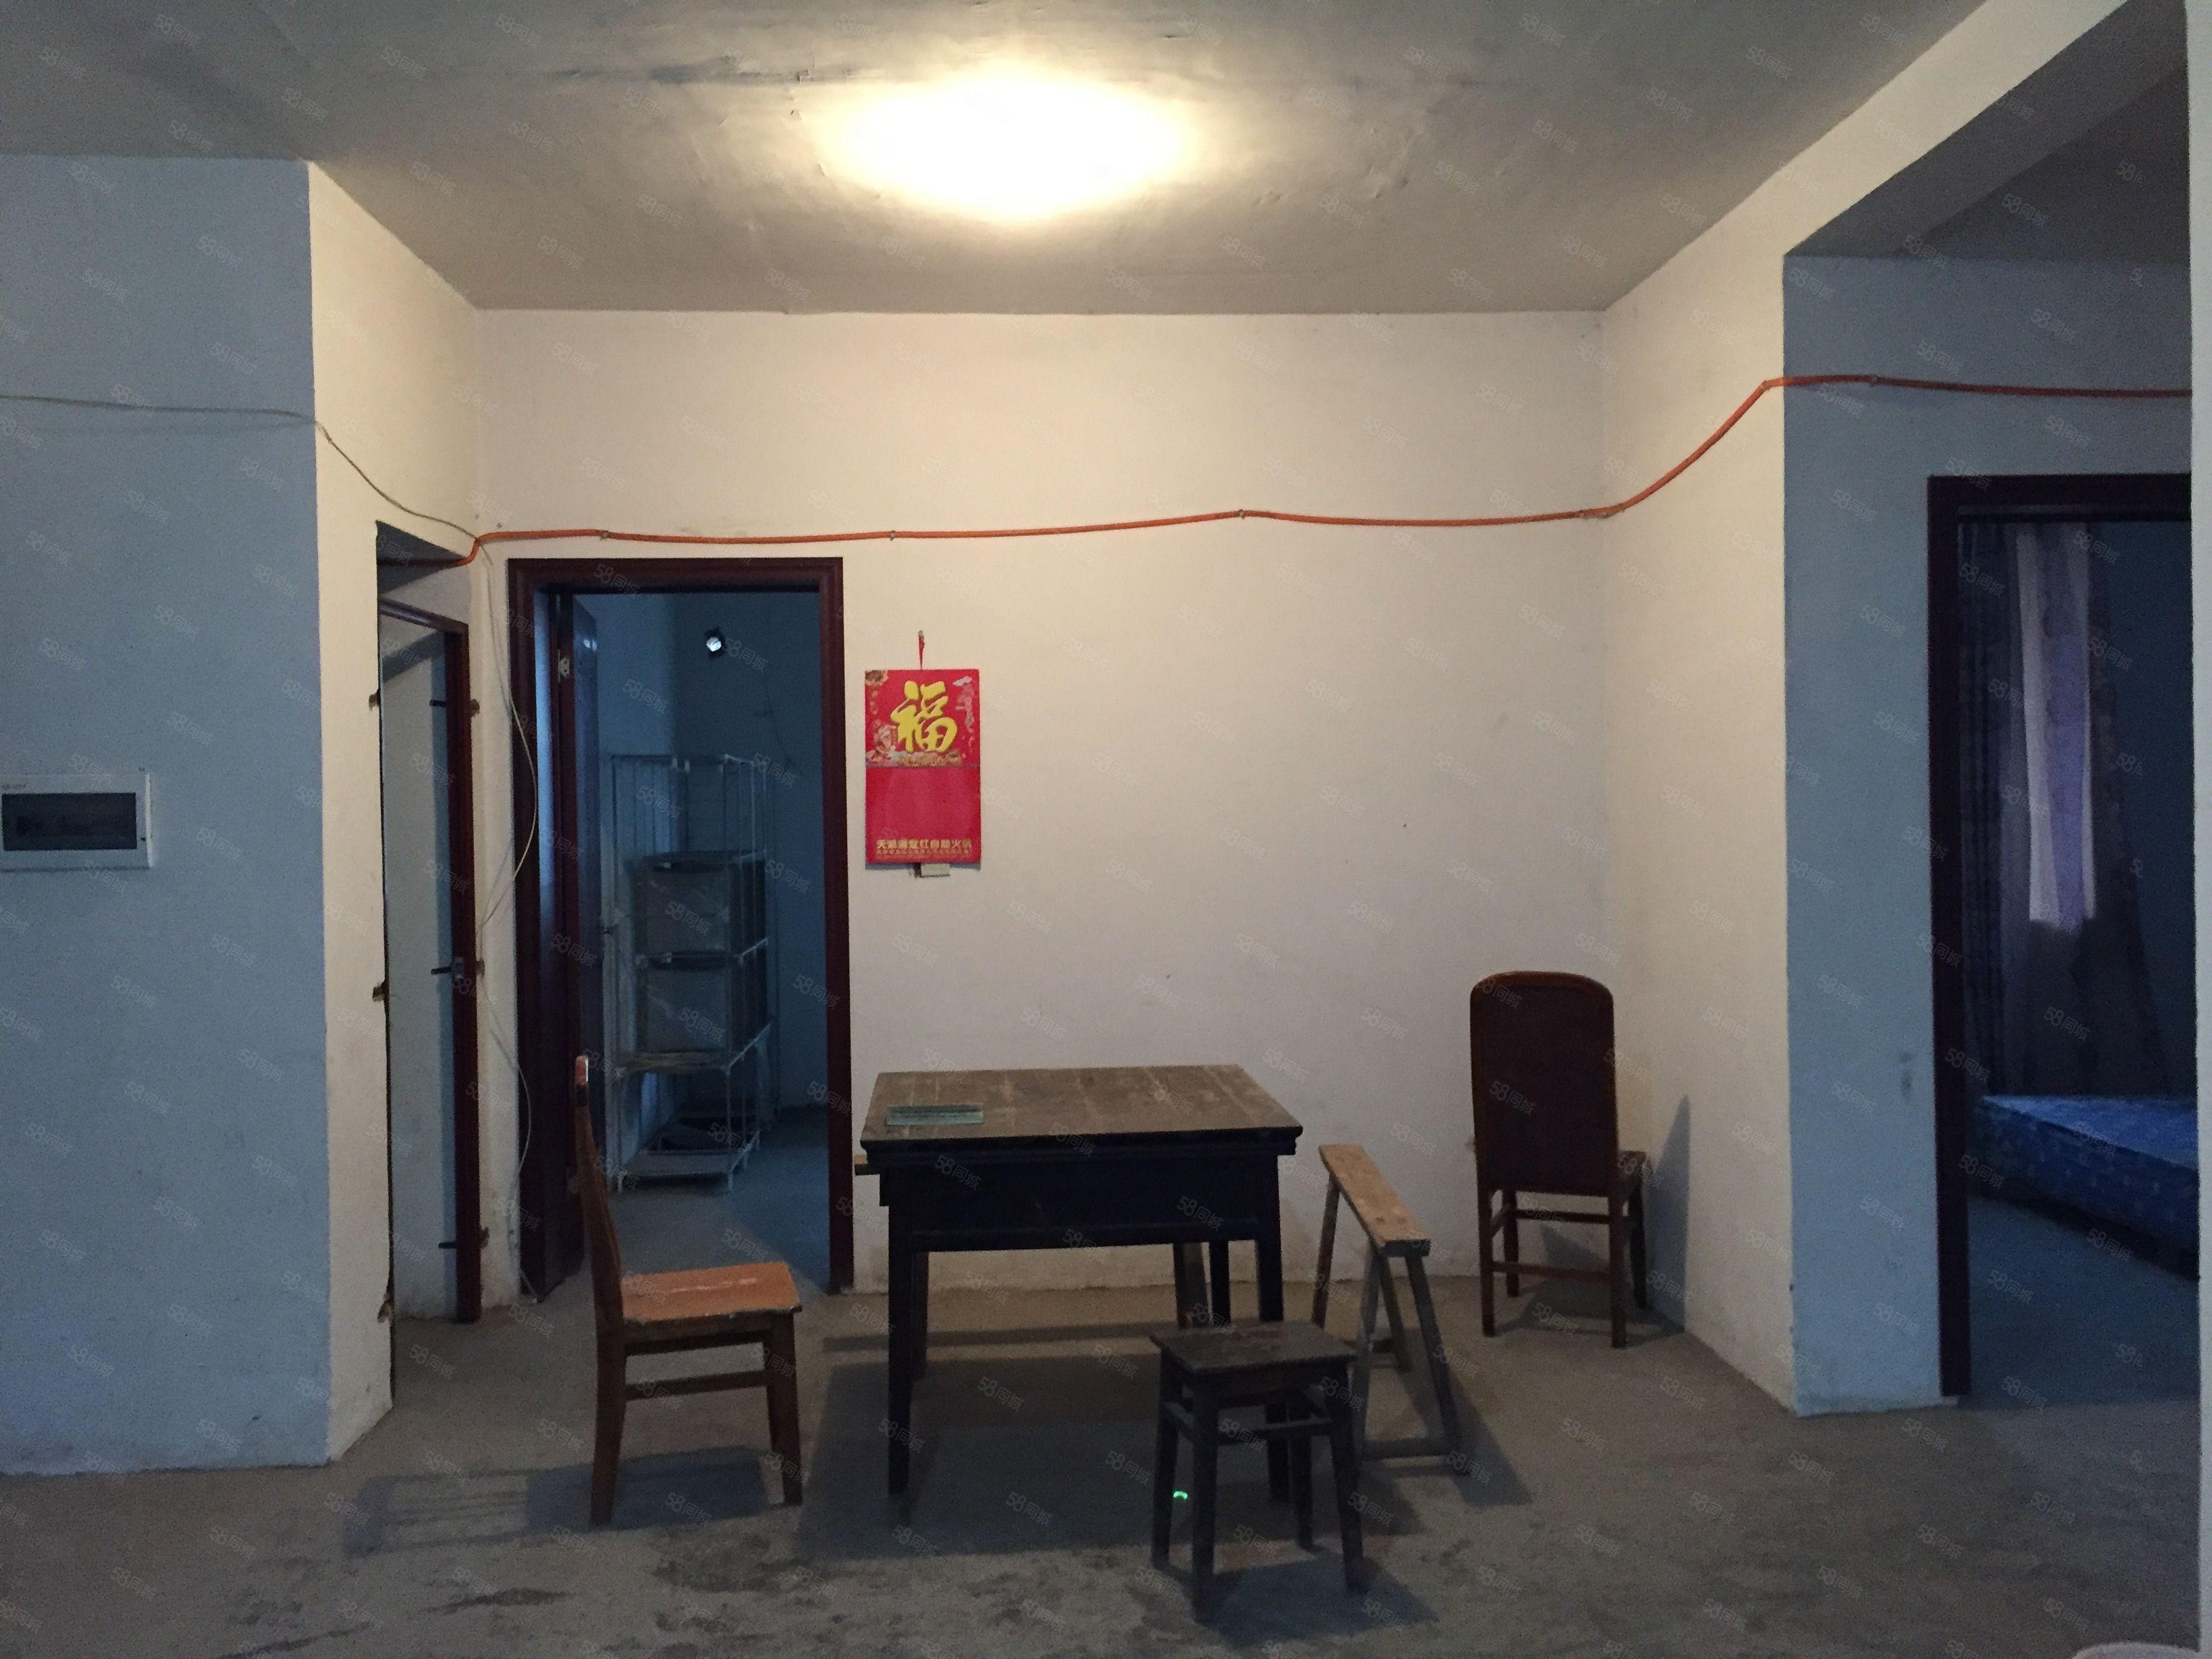 物流港高新区瑰宝明珠汽车城清水房便宜出租